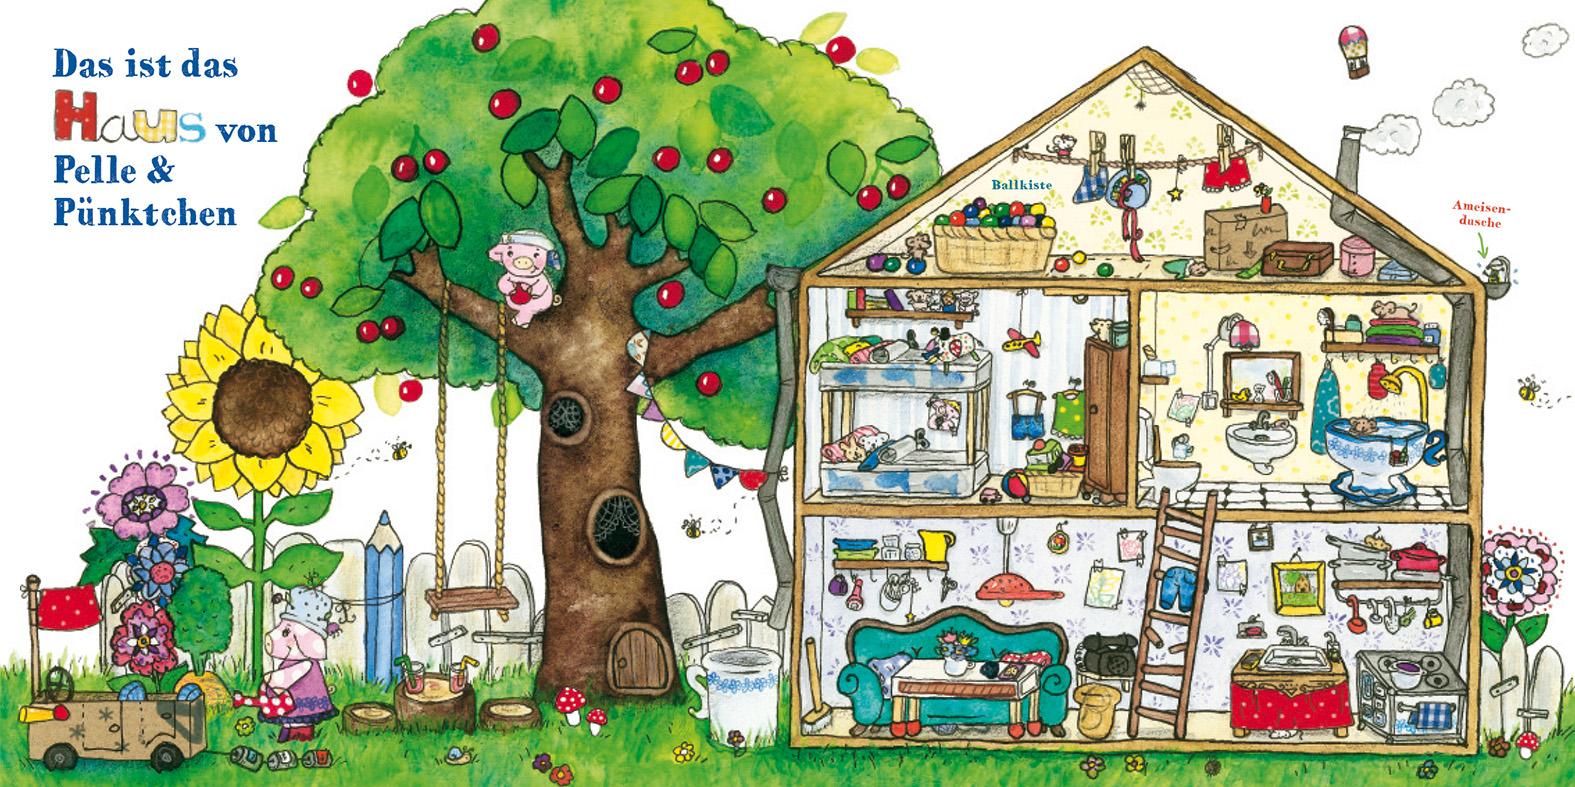 Pelle und Pünktchen - Haus